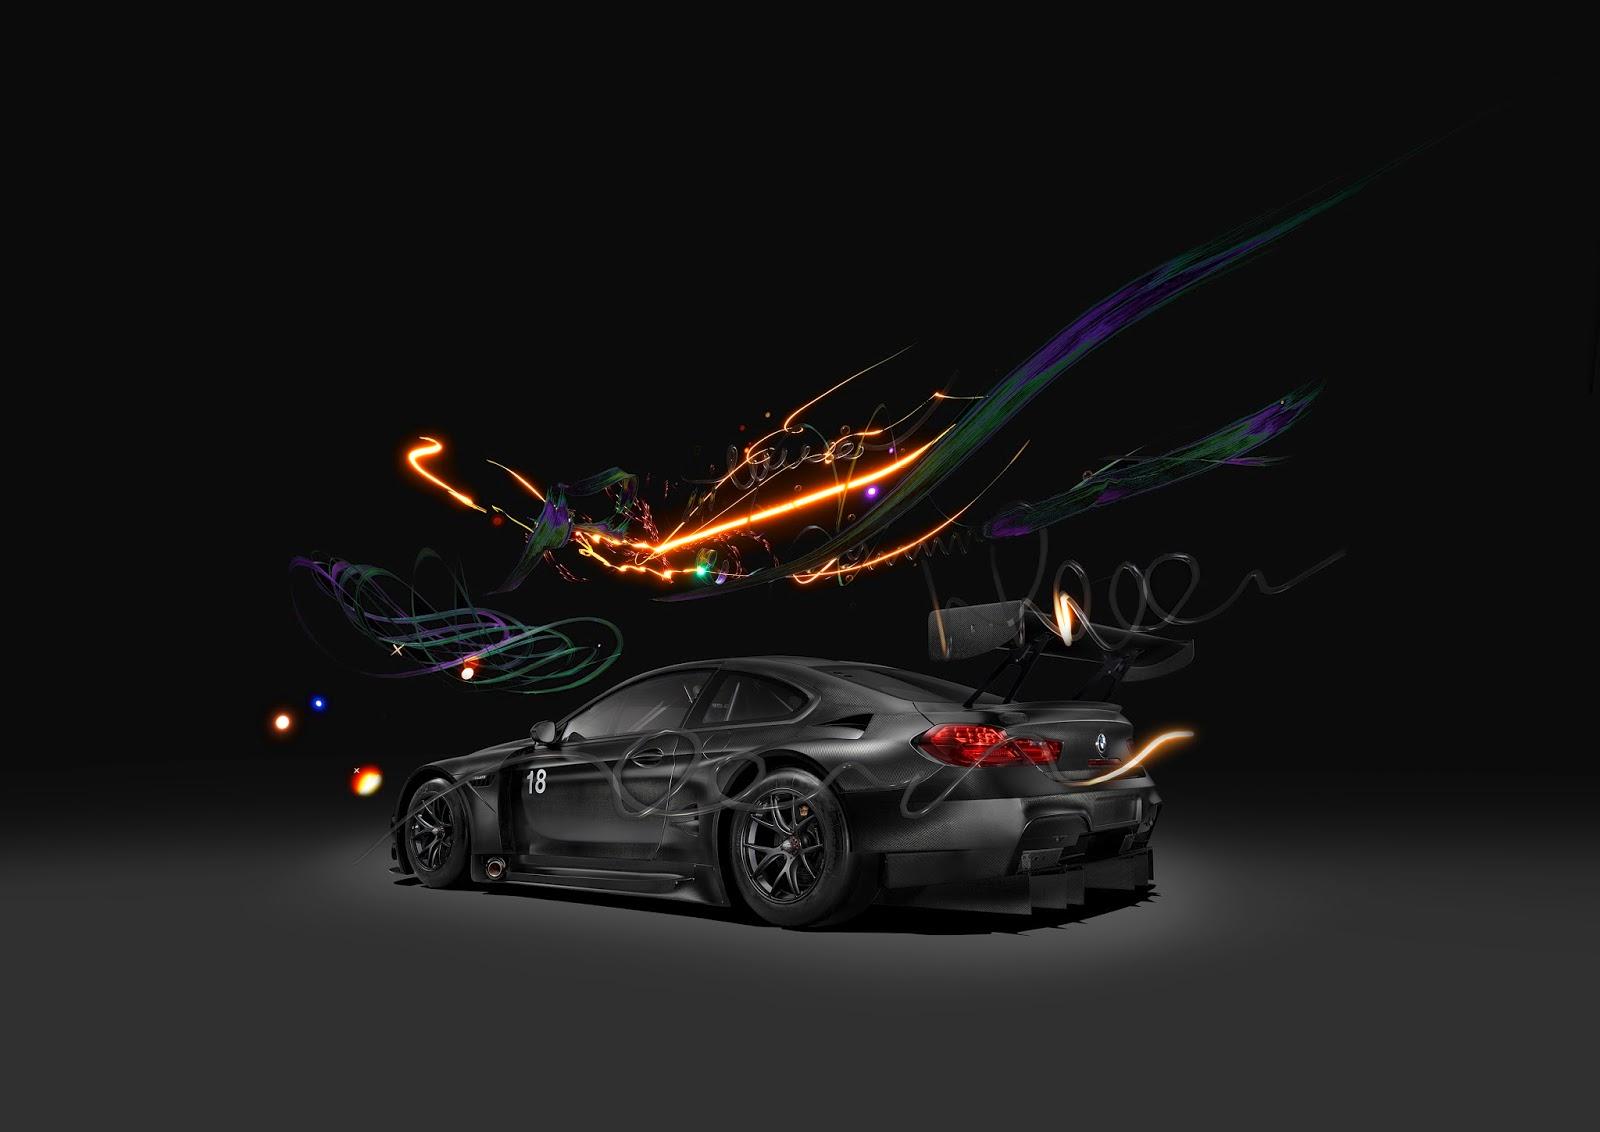 P90259901 highRes bmw art car 18 by ca 1 Μια BMW M6 GT3 το πρώτο ψηφιακό Art Car Art, BMW, Bmw Art Car, BMW M6 GT3